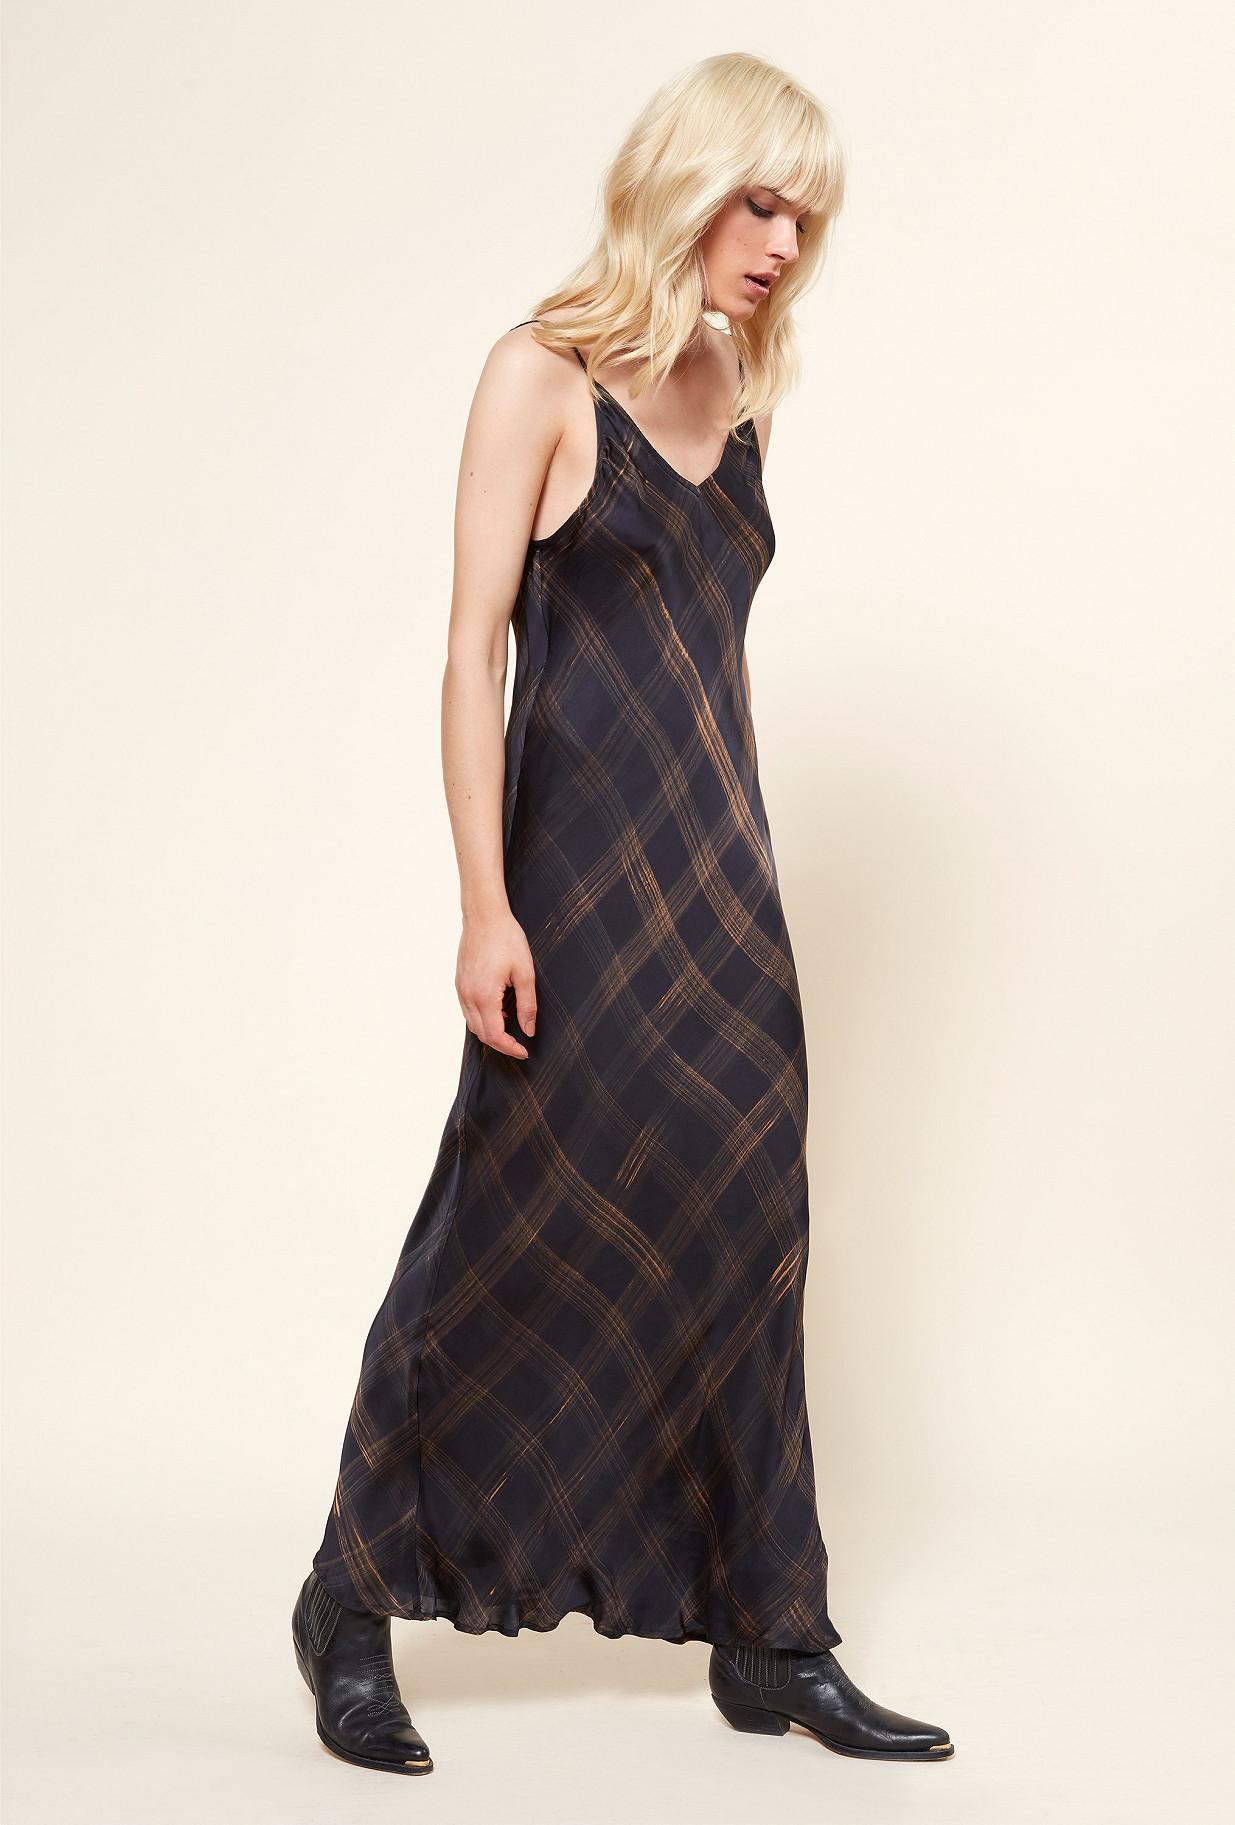 Paris clothes store Dress  Grenelle french designer fashion Paris